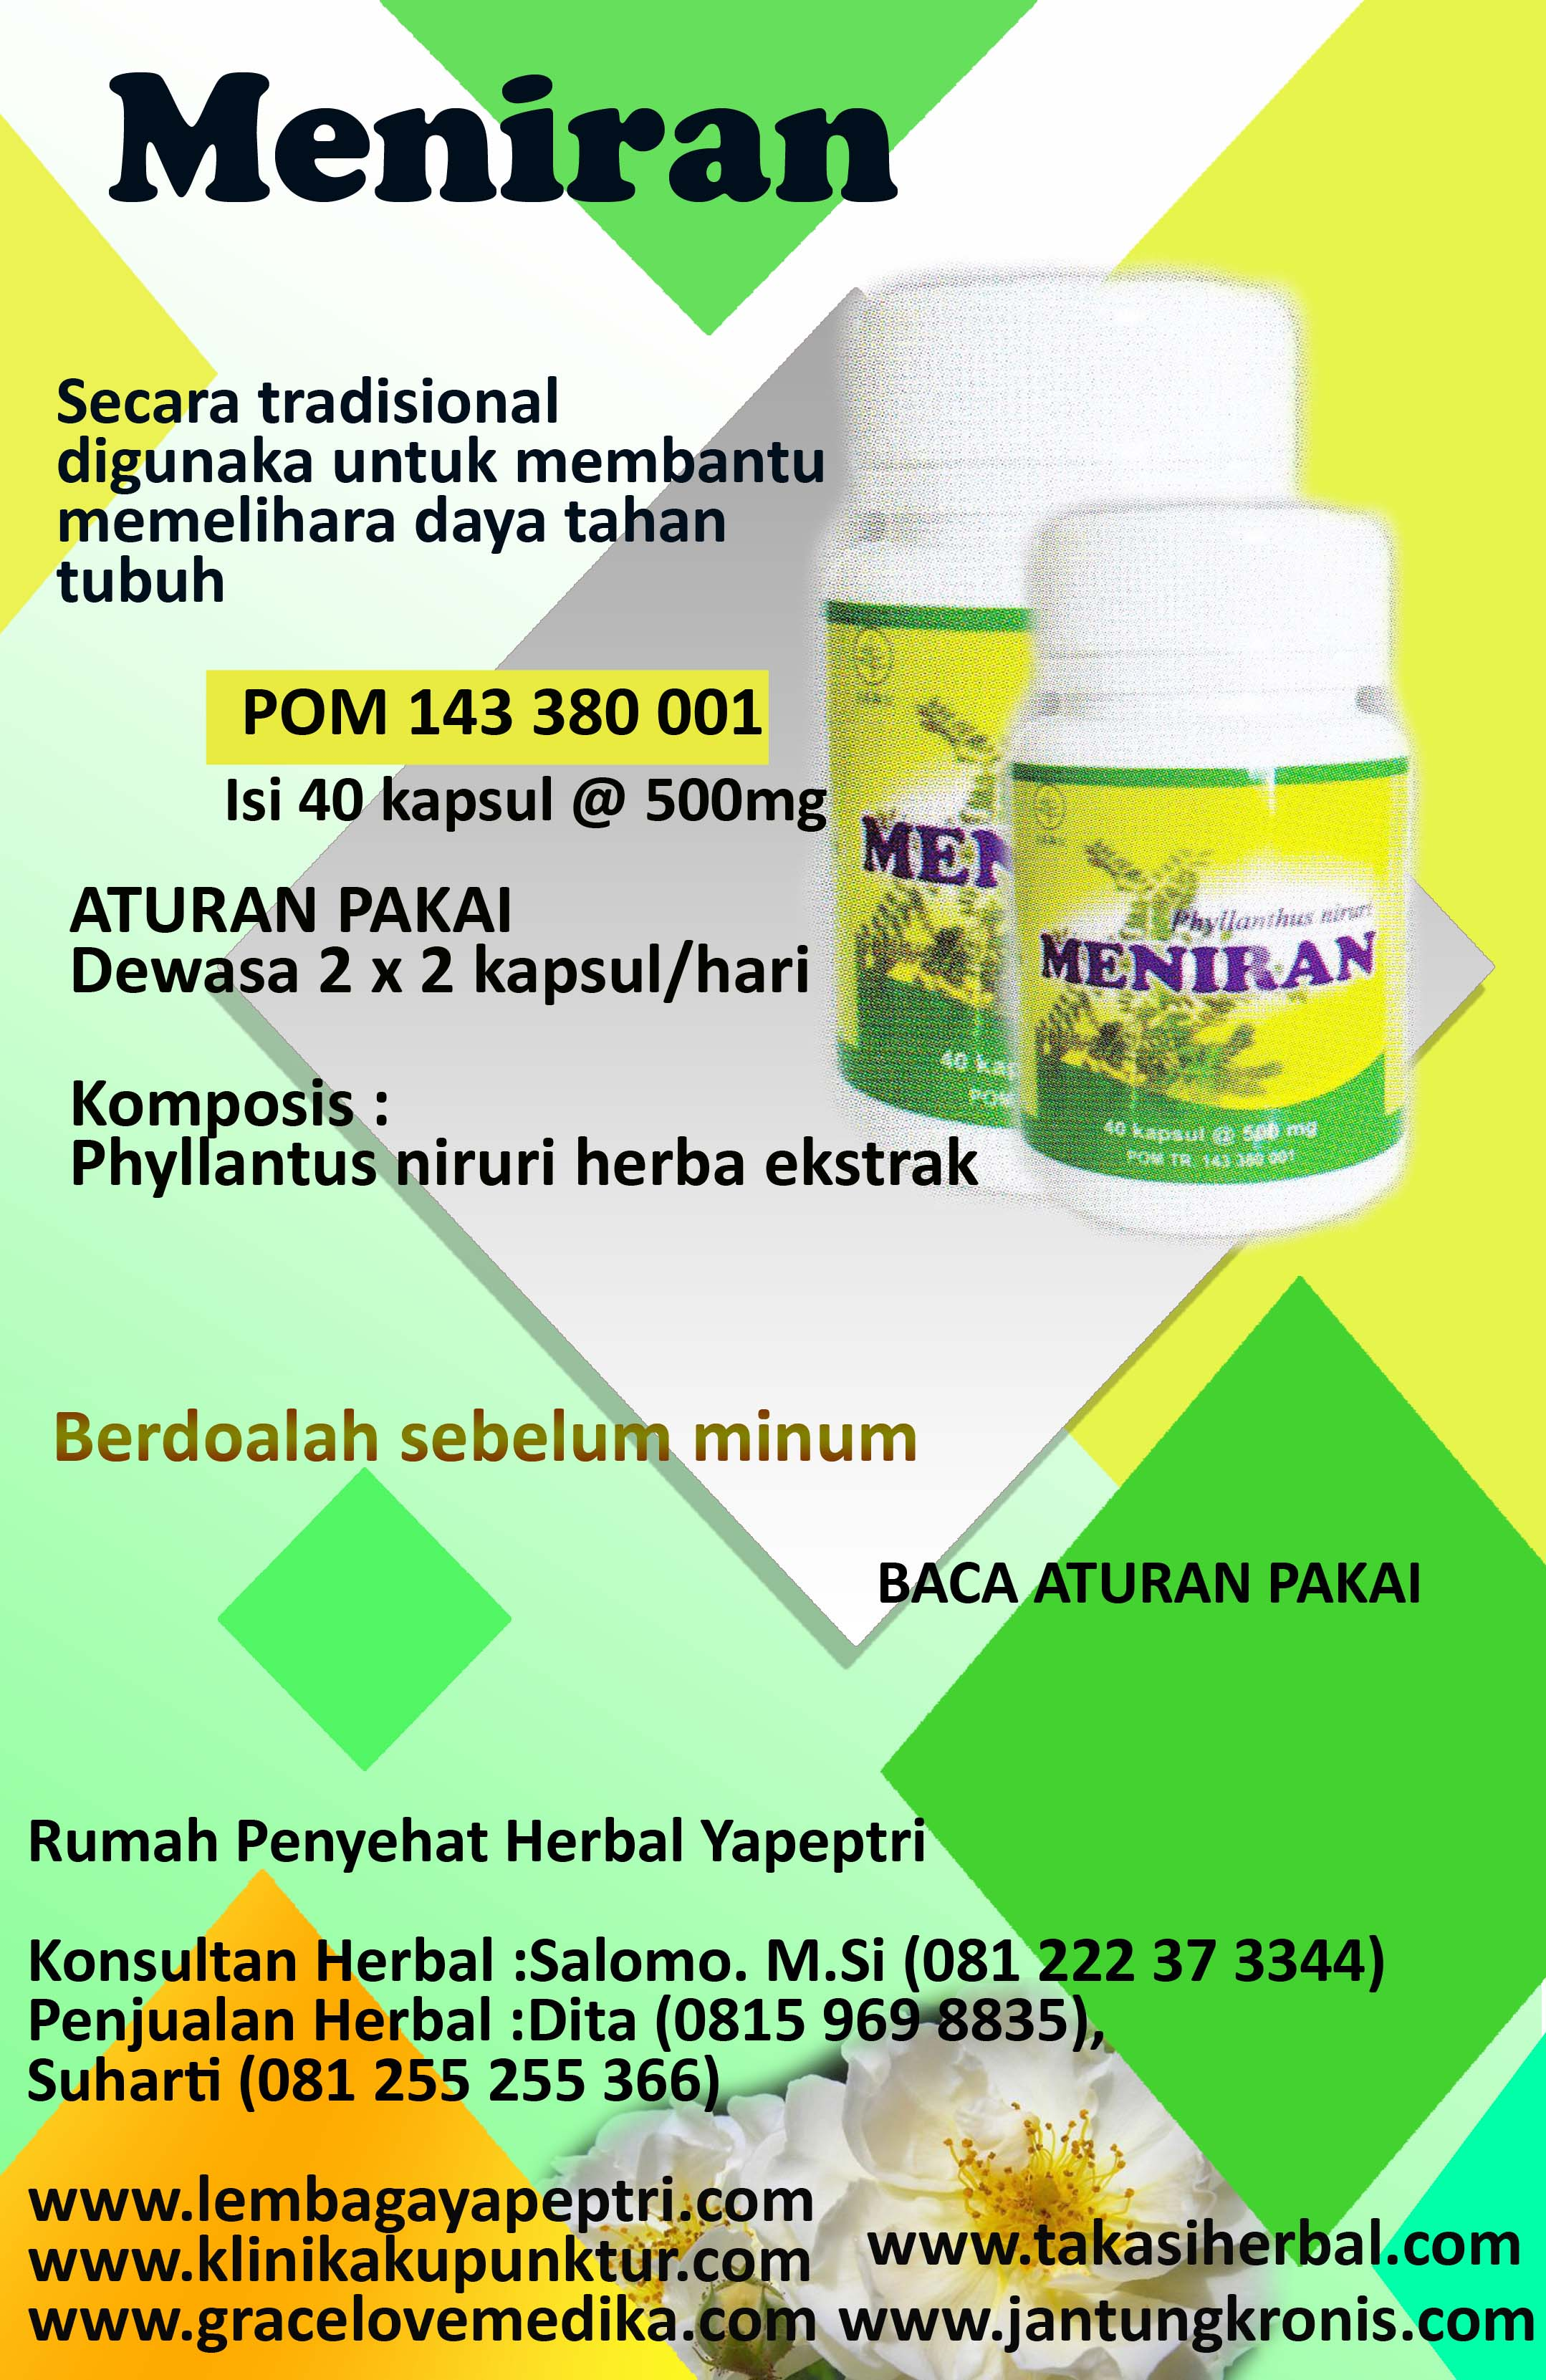 HERBAL MENIRAN digunakan untuk membantu memelihara daya tahan tubuh